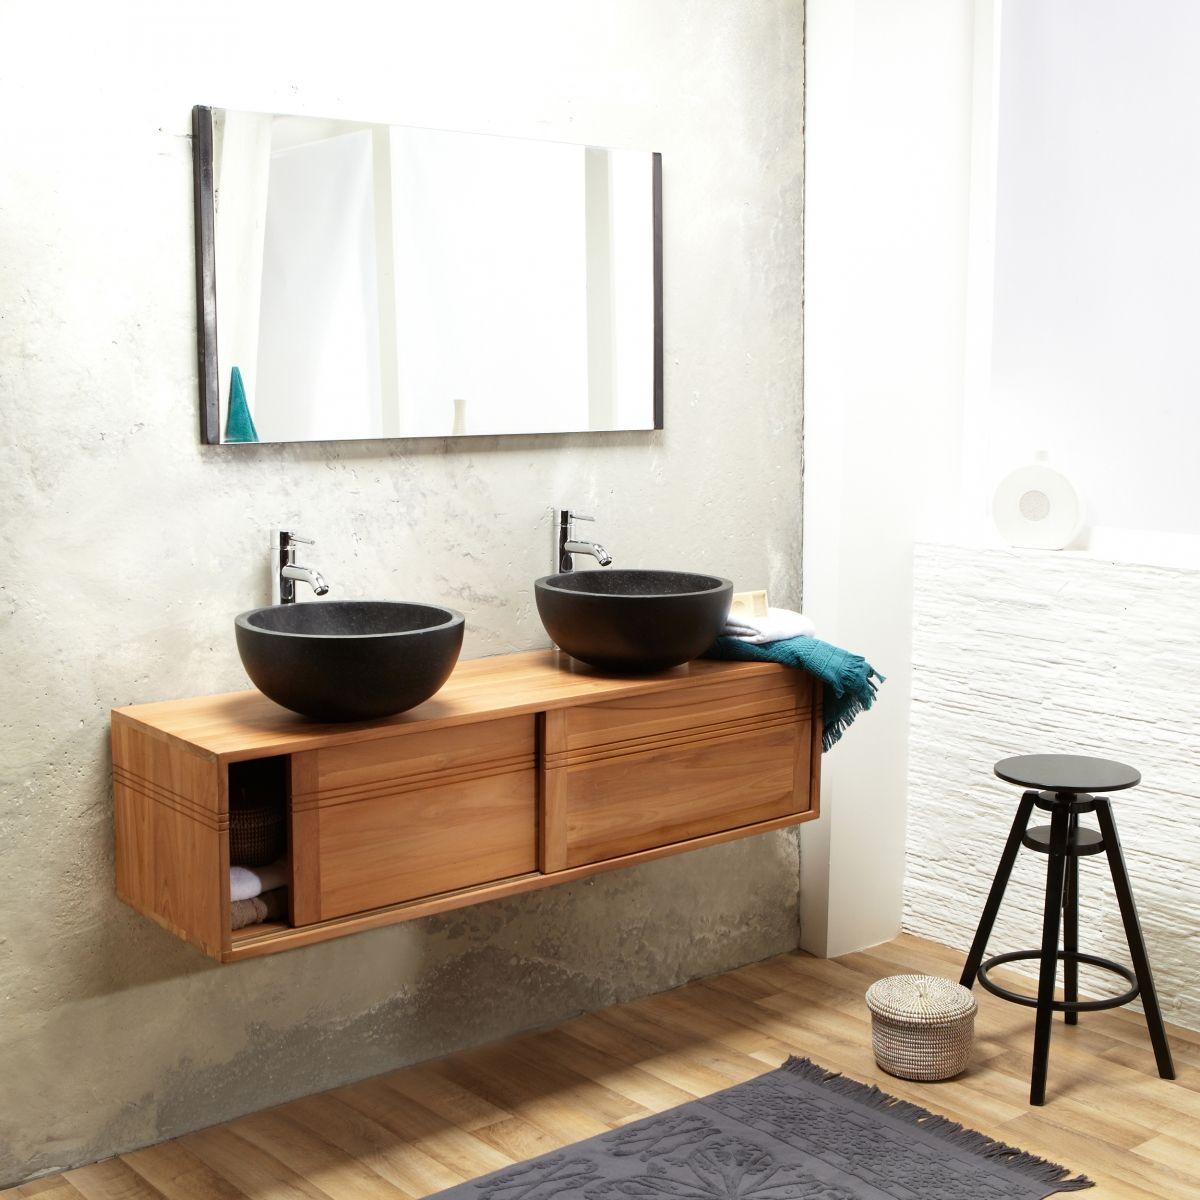 Meuble salle de bain suspendu bois de teck 140 basic Tikamoon | La